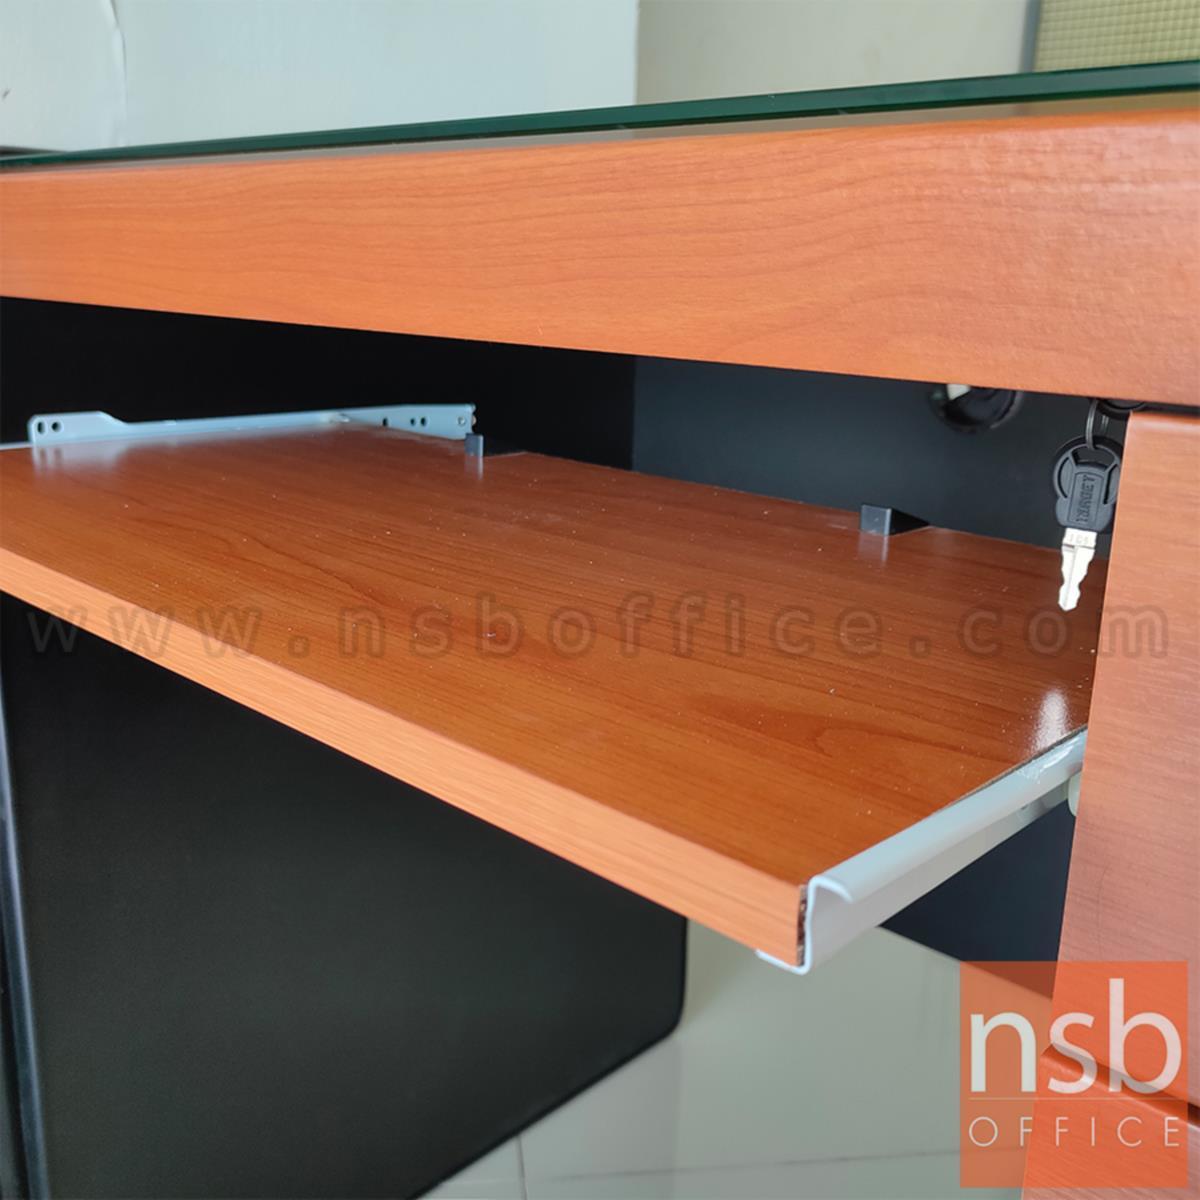 โต๊ะคอมพิวเตอร์ 2 ลิ้นชัก  รุ่น Mindless (ไมนด์เลส) ขนาด 100W ,120W cm. พร้อมรางคีบอร์ดและกุญแจล็อค